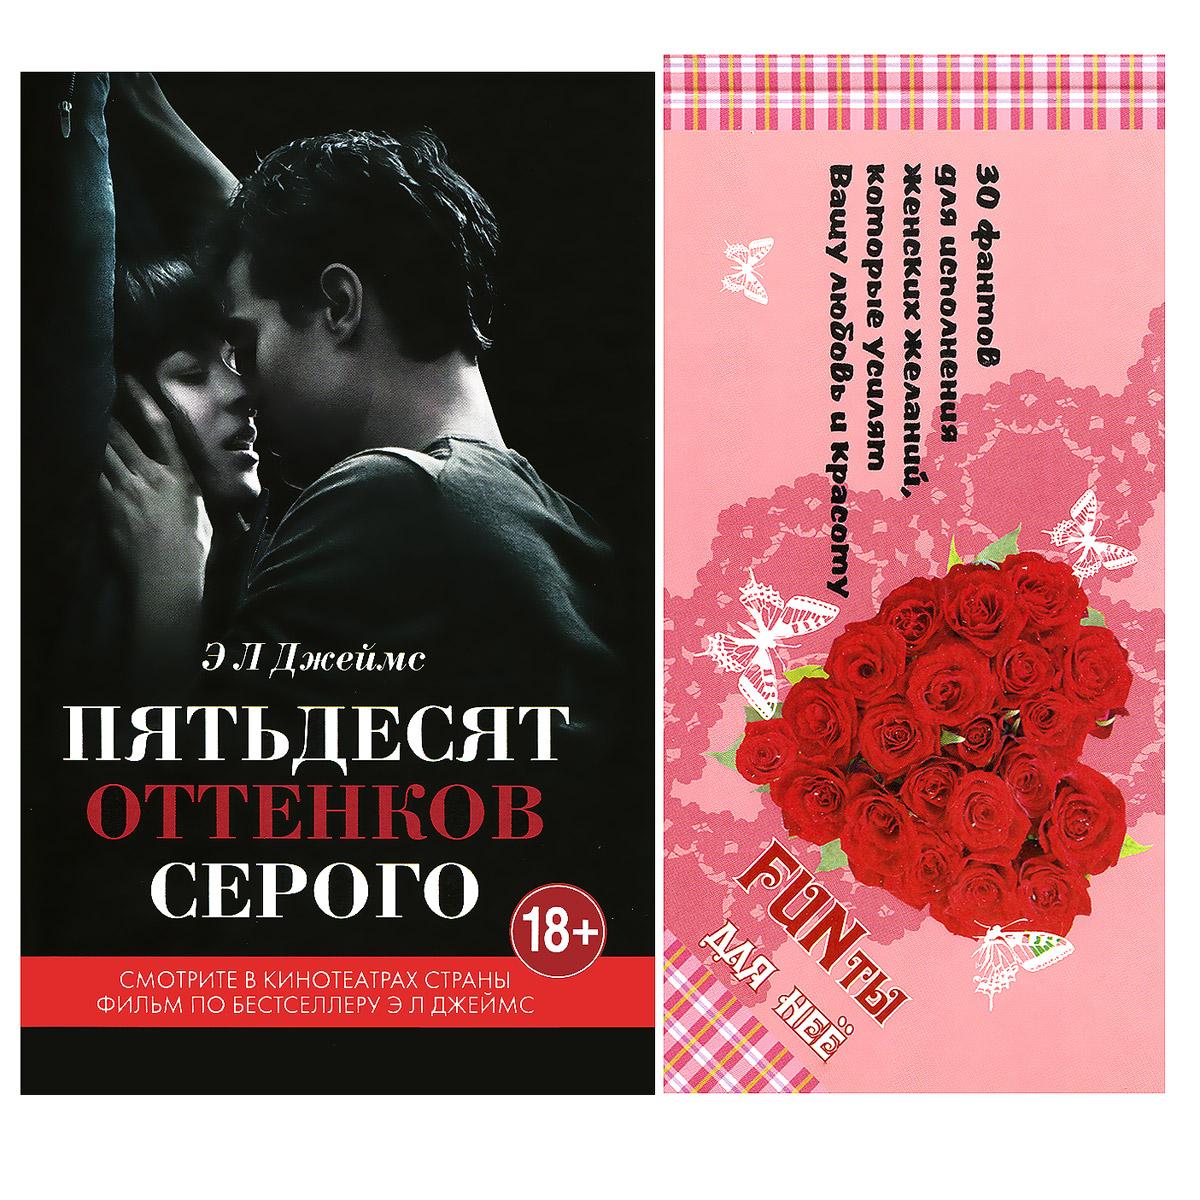 Пятьдесят оттенков серого + 30 фантов для исполнения женских желаний, которые усилят вашу любовь и красоту